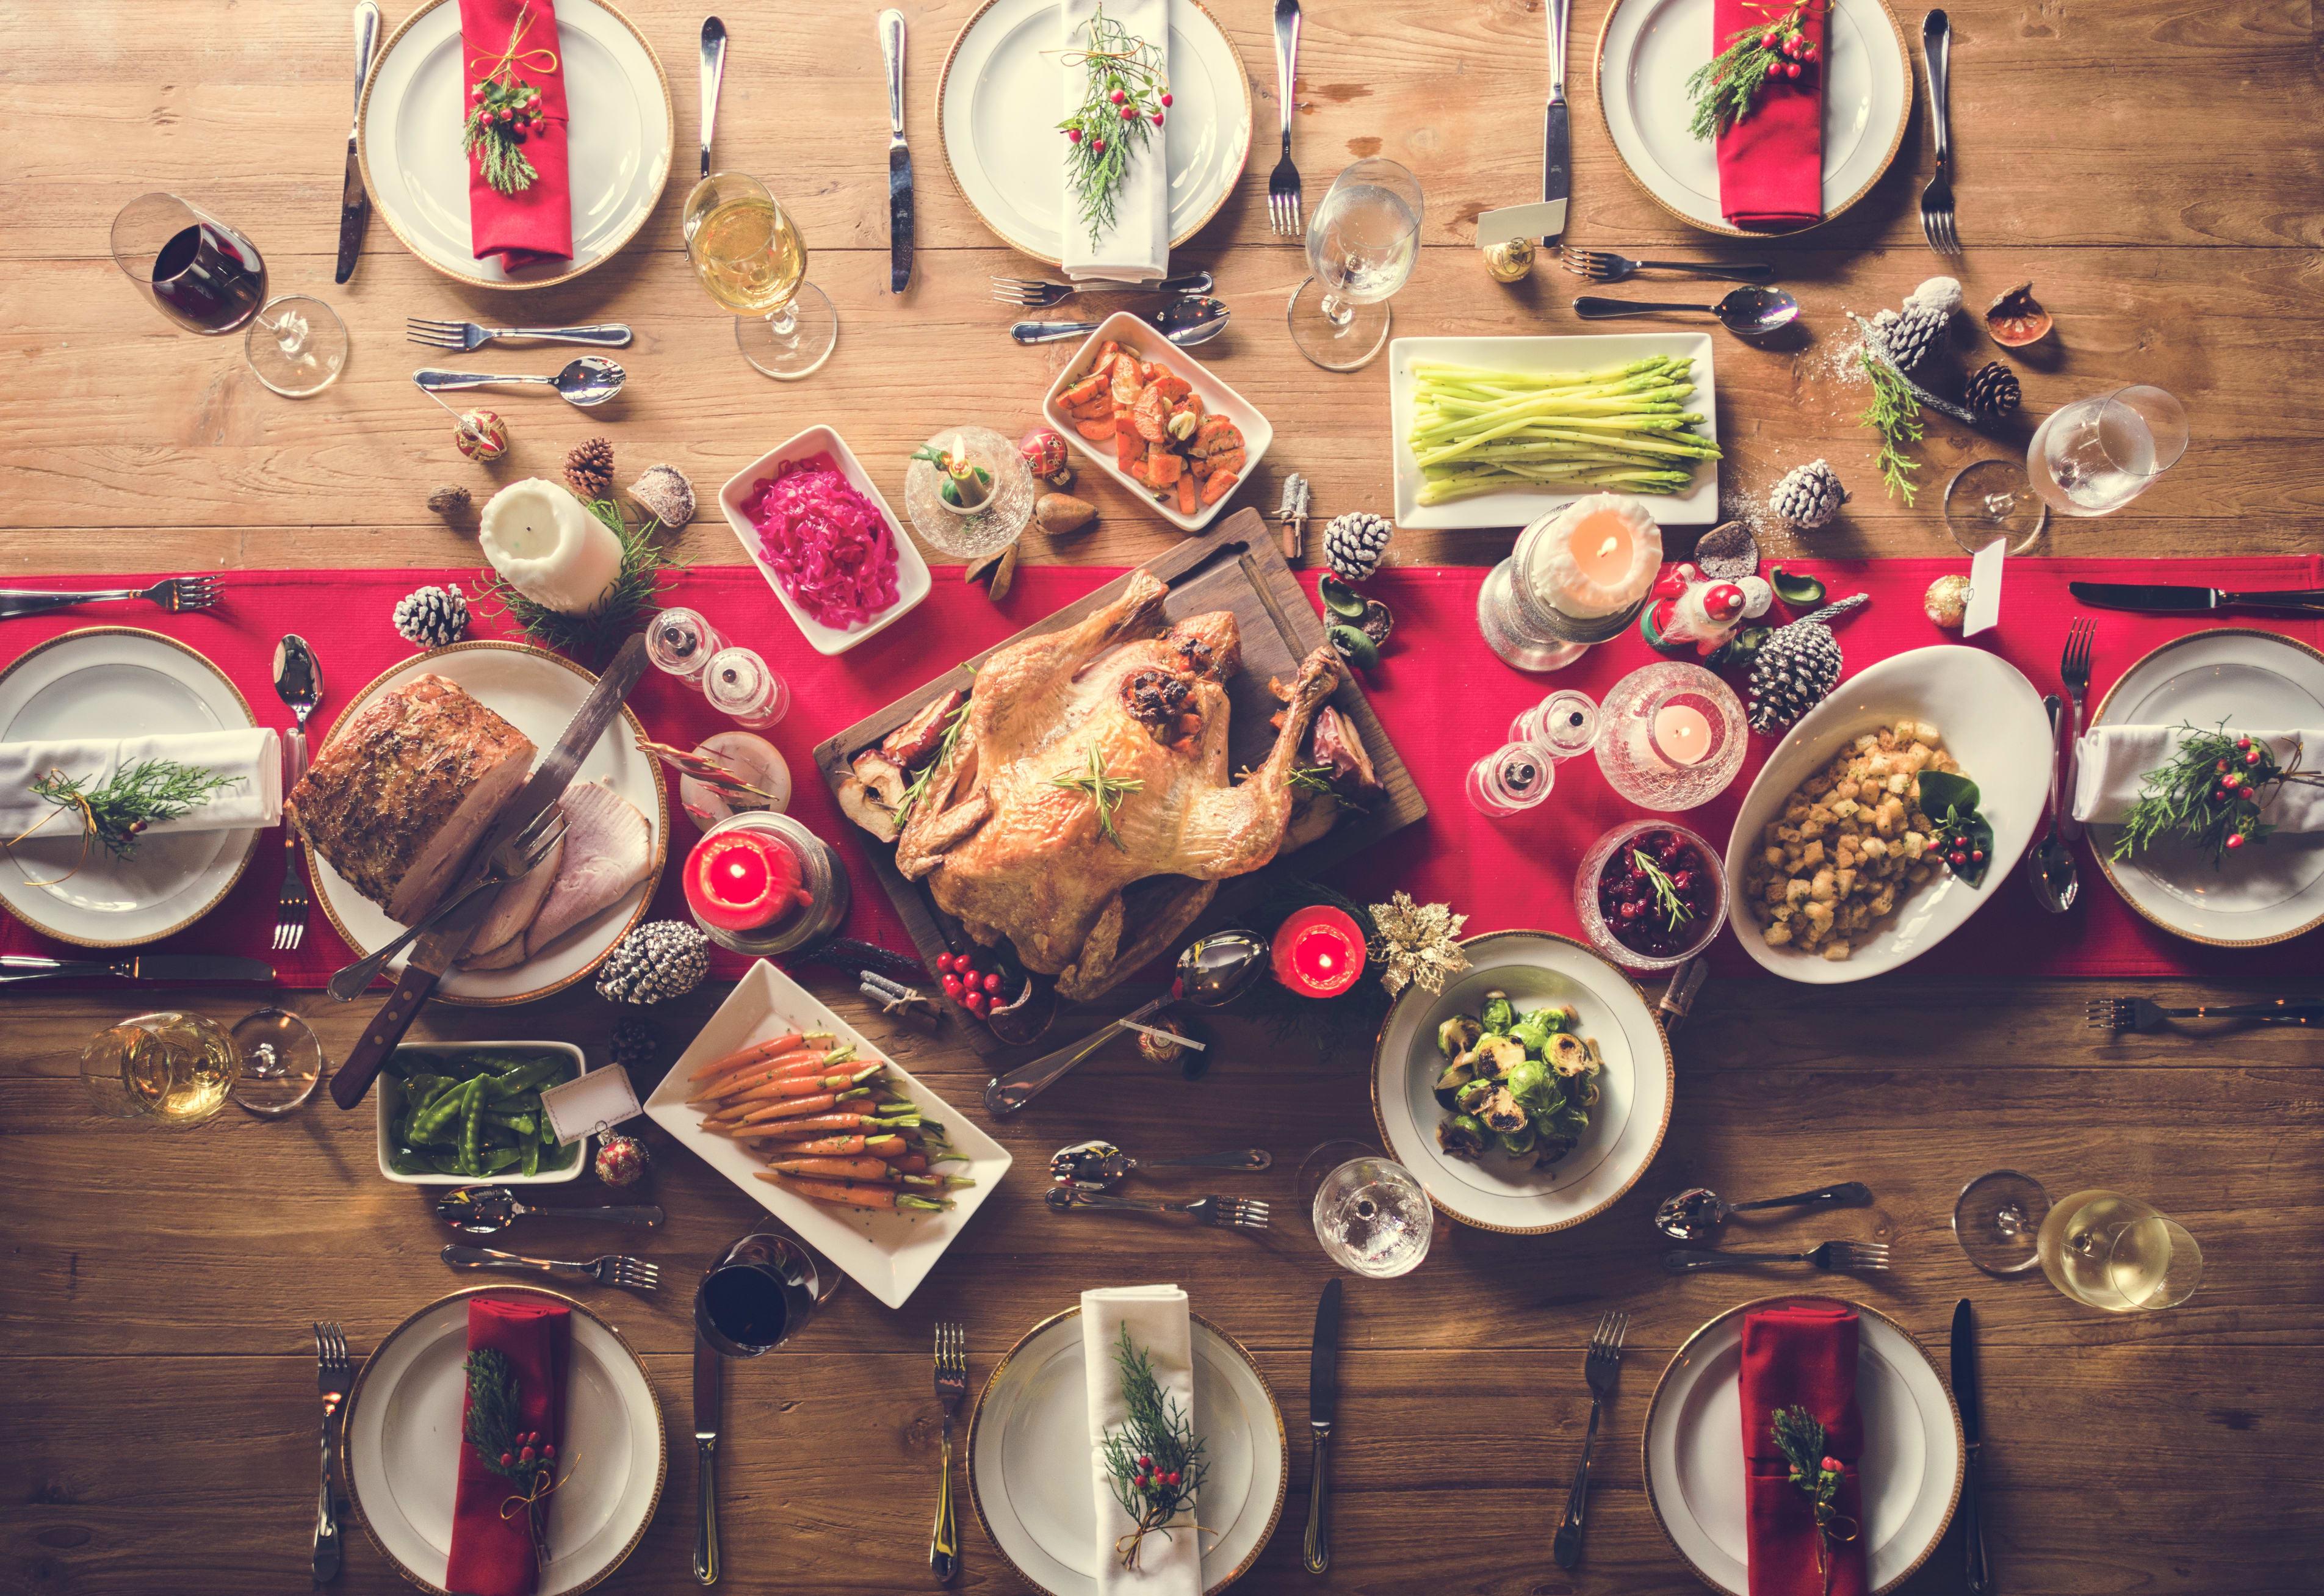 Slik spiser du med måte i julen